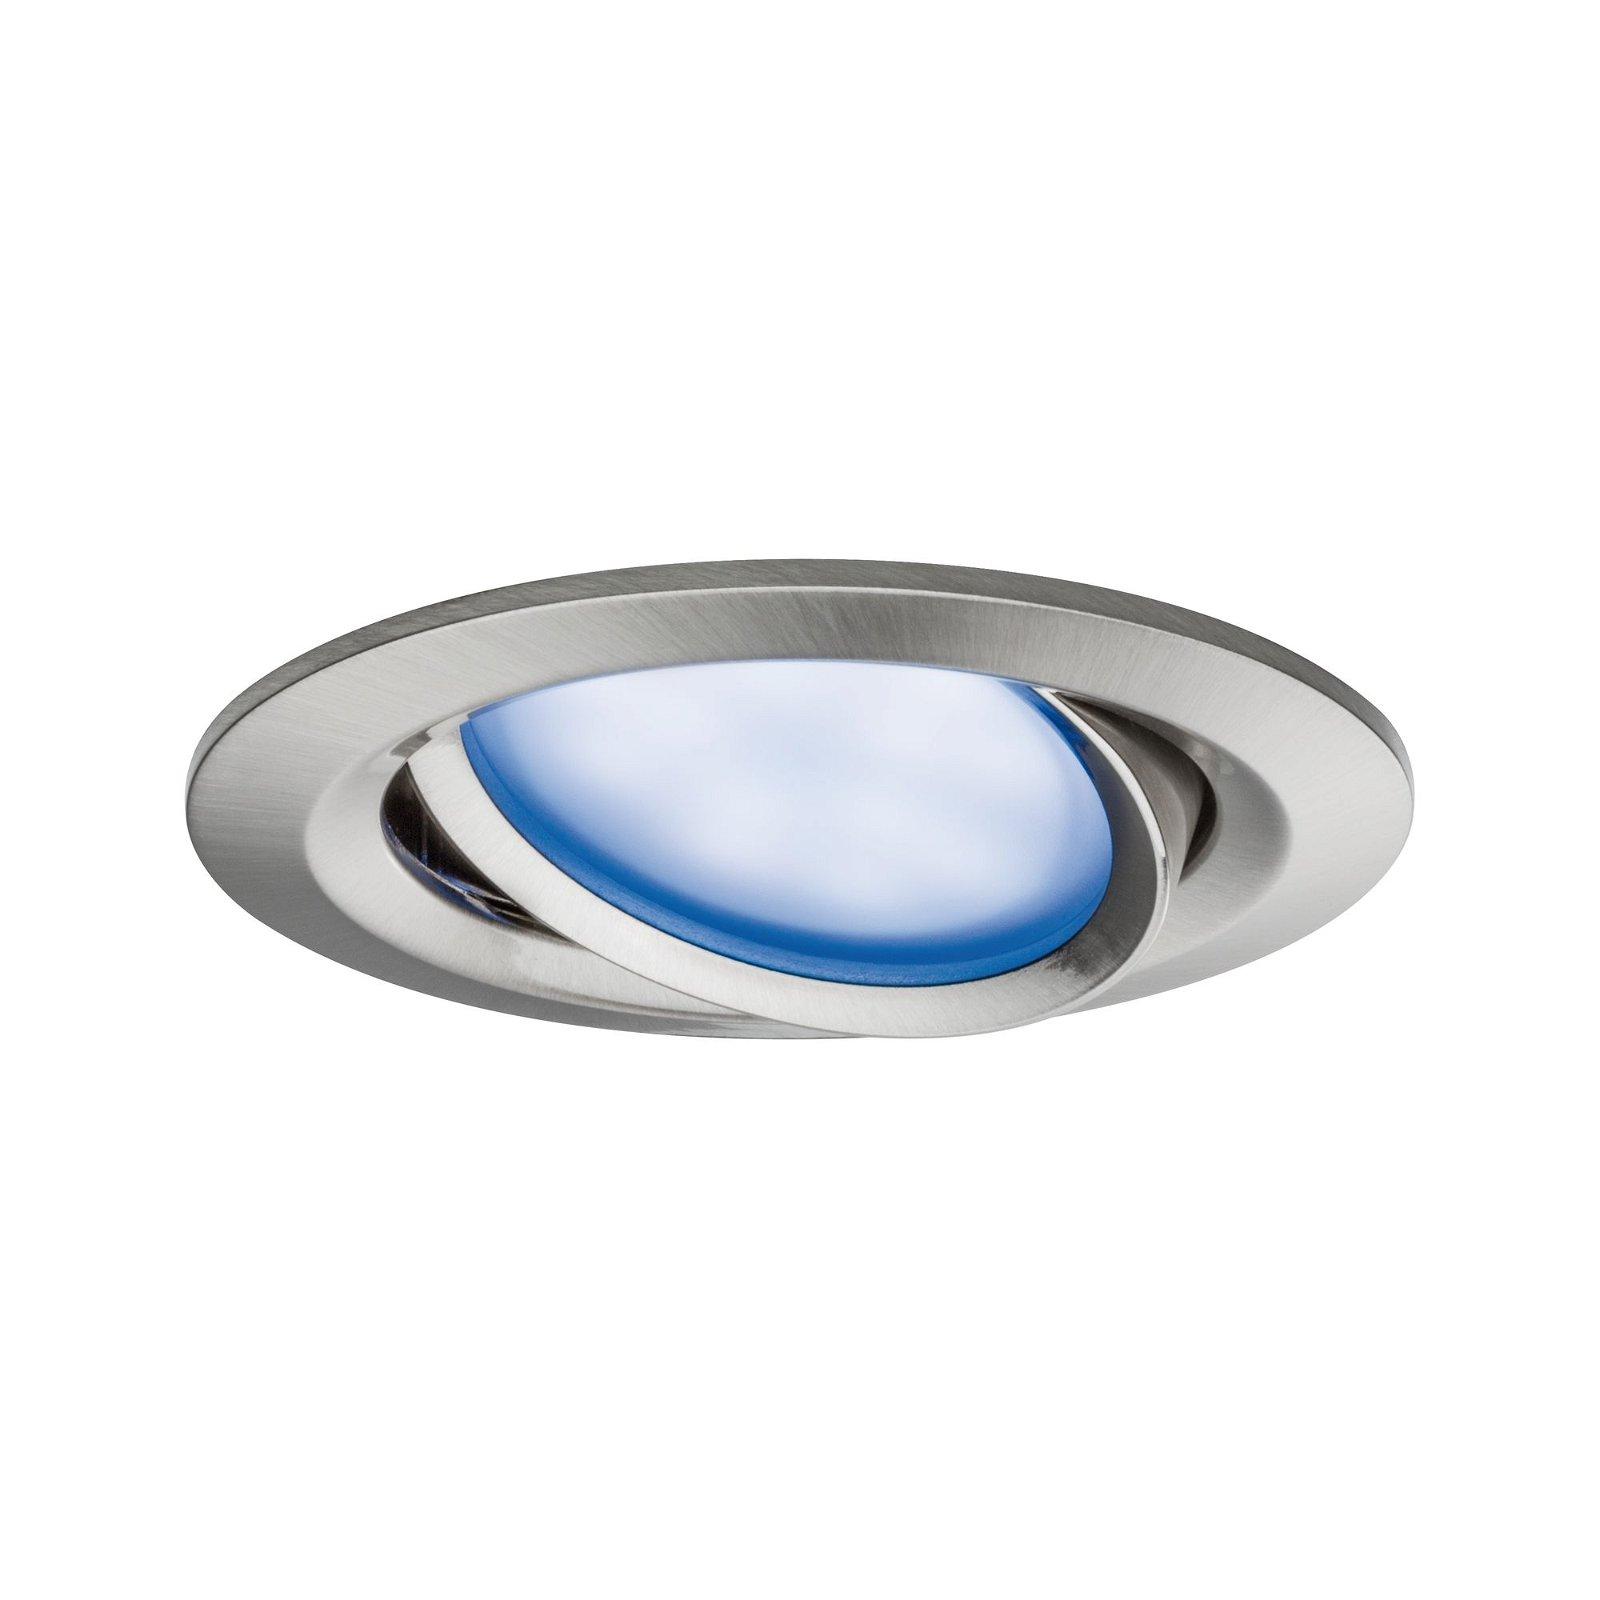 LED-inbouwlamp Nova Plus Basisset zwenkbaar rond 84mm 50° Coin 3x2,5W 3x85lm 230V RGBW Staal geborsteld